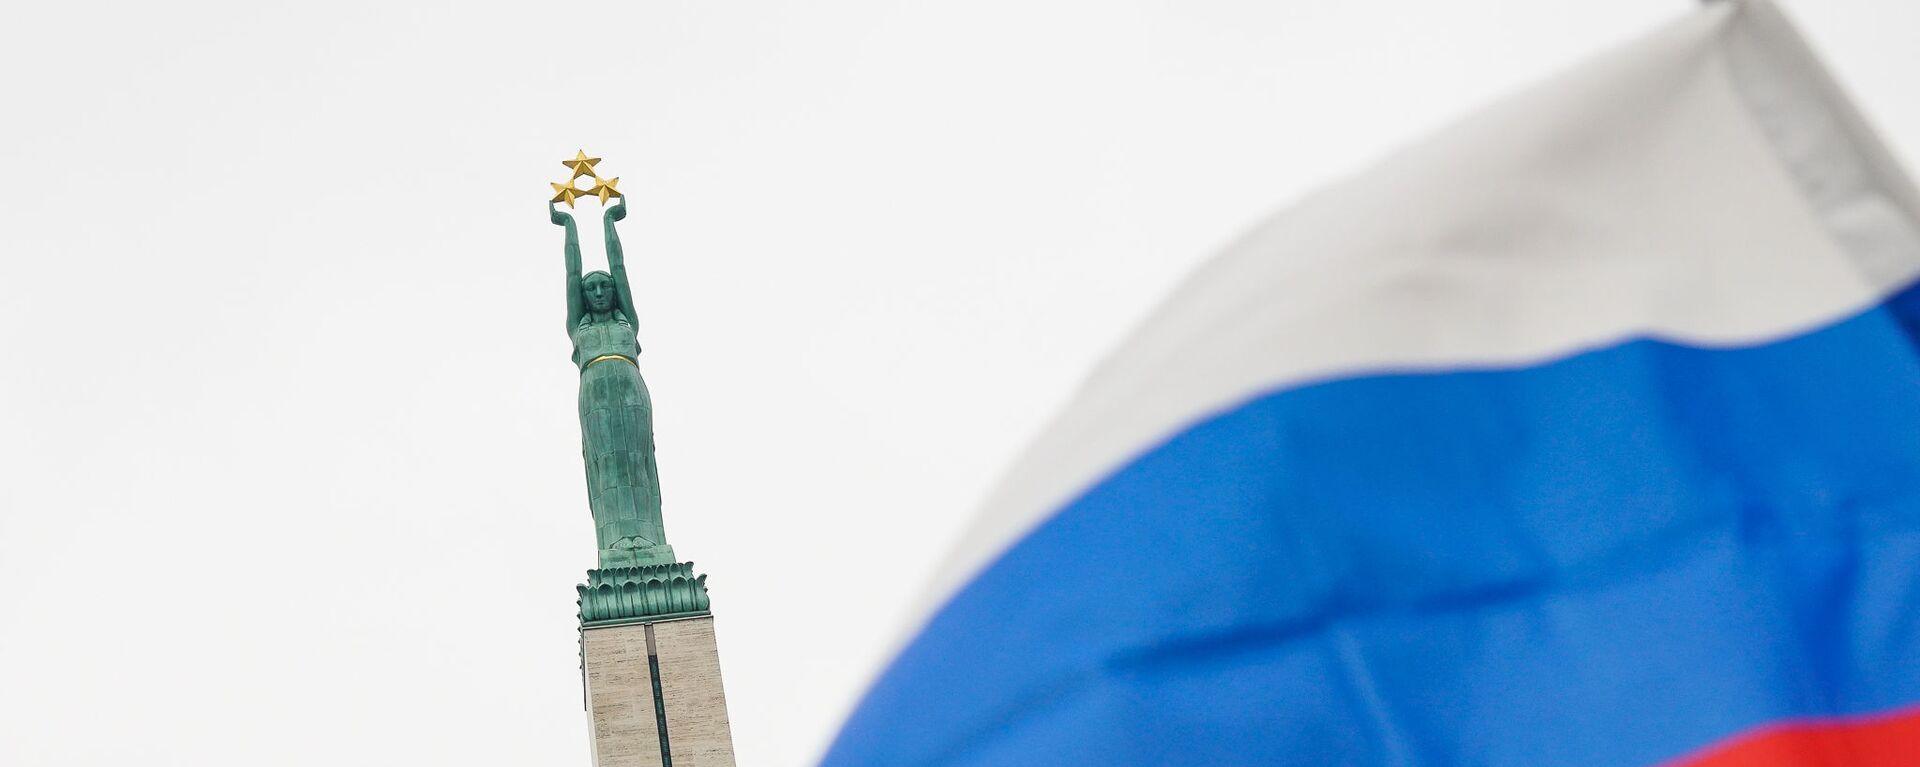 Флаг России на фоне памятника Свободы - Sputnik Латвия, 1920, 07.07.2021